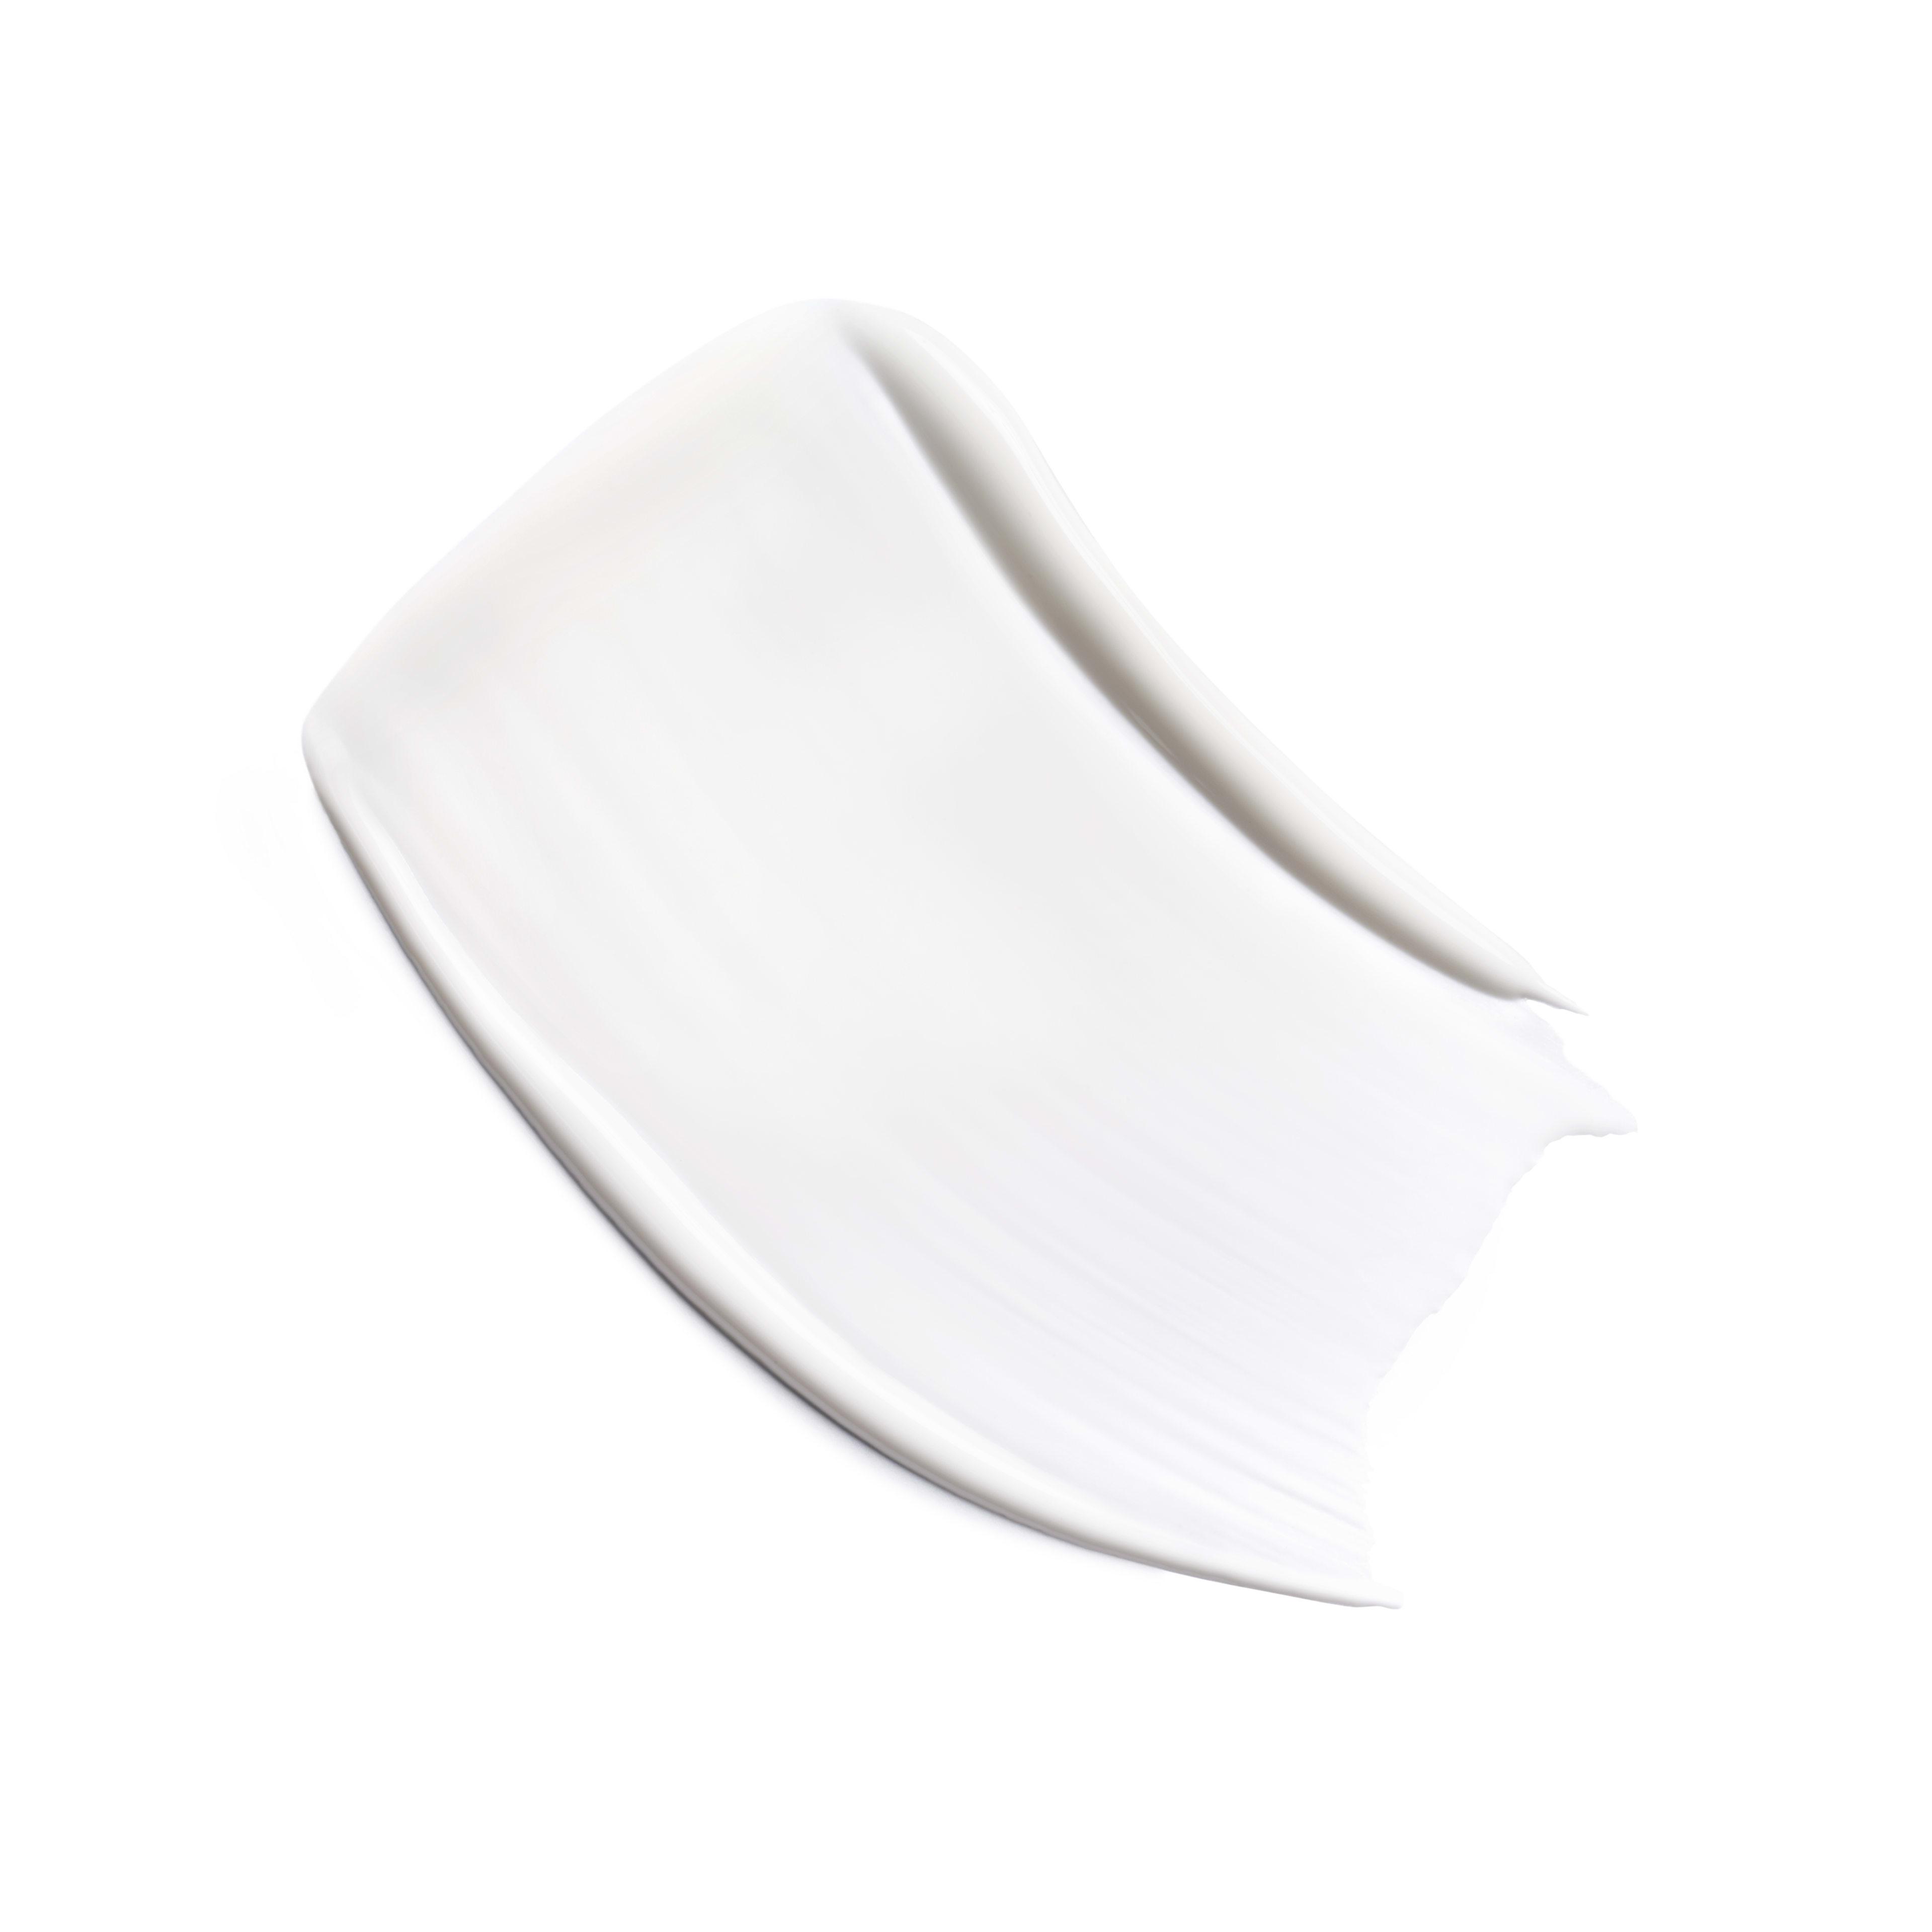 LE BLANC DE CHANEL - makeup - 1FL. OZ. - Basic texture view